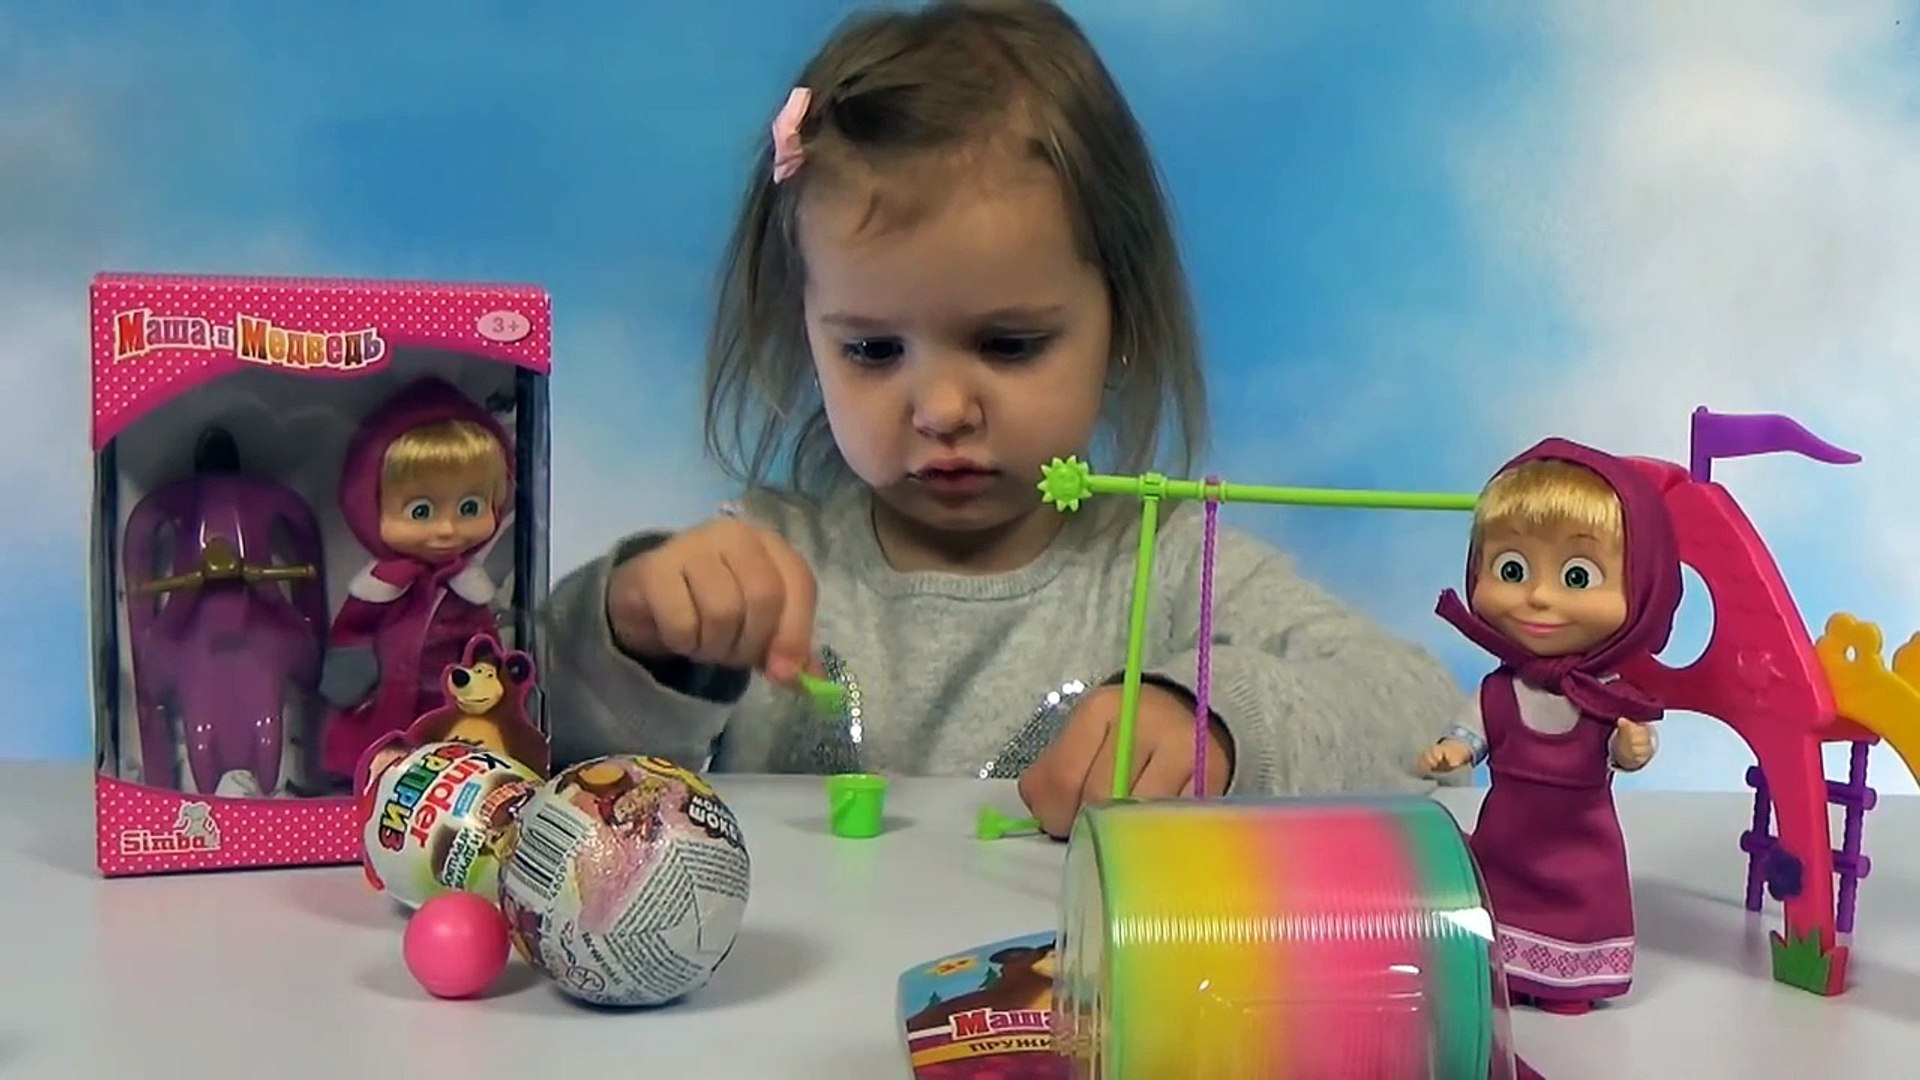 Маша и Медведь распаковка игрушки и игровая площадка с качелей и горкой Masha and the Bear doll toy